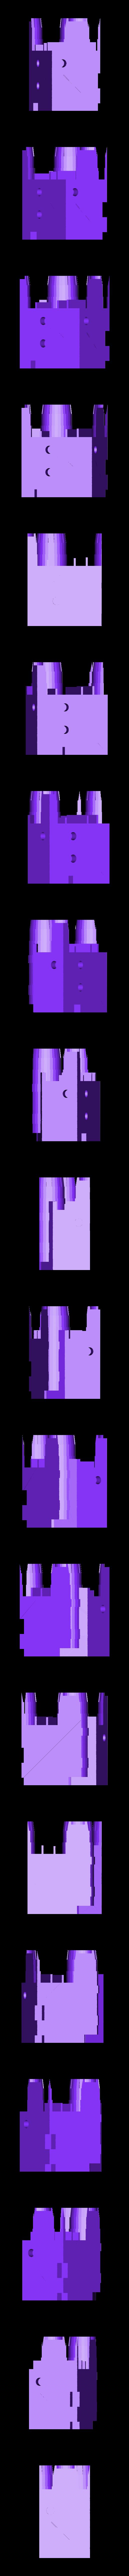 Rear_MidBC.stl Télécharger fichier STL gratuit Frégate Nebulon B (coupée et sectionnée) • Modèle pour impression 3D, Masterkookus